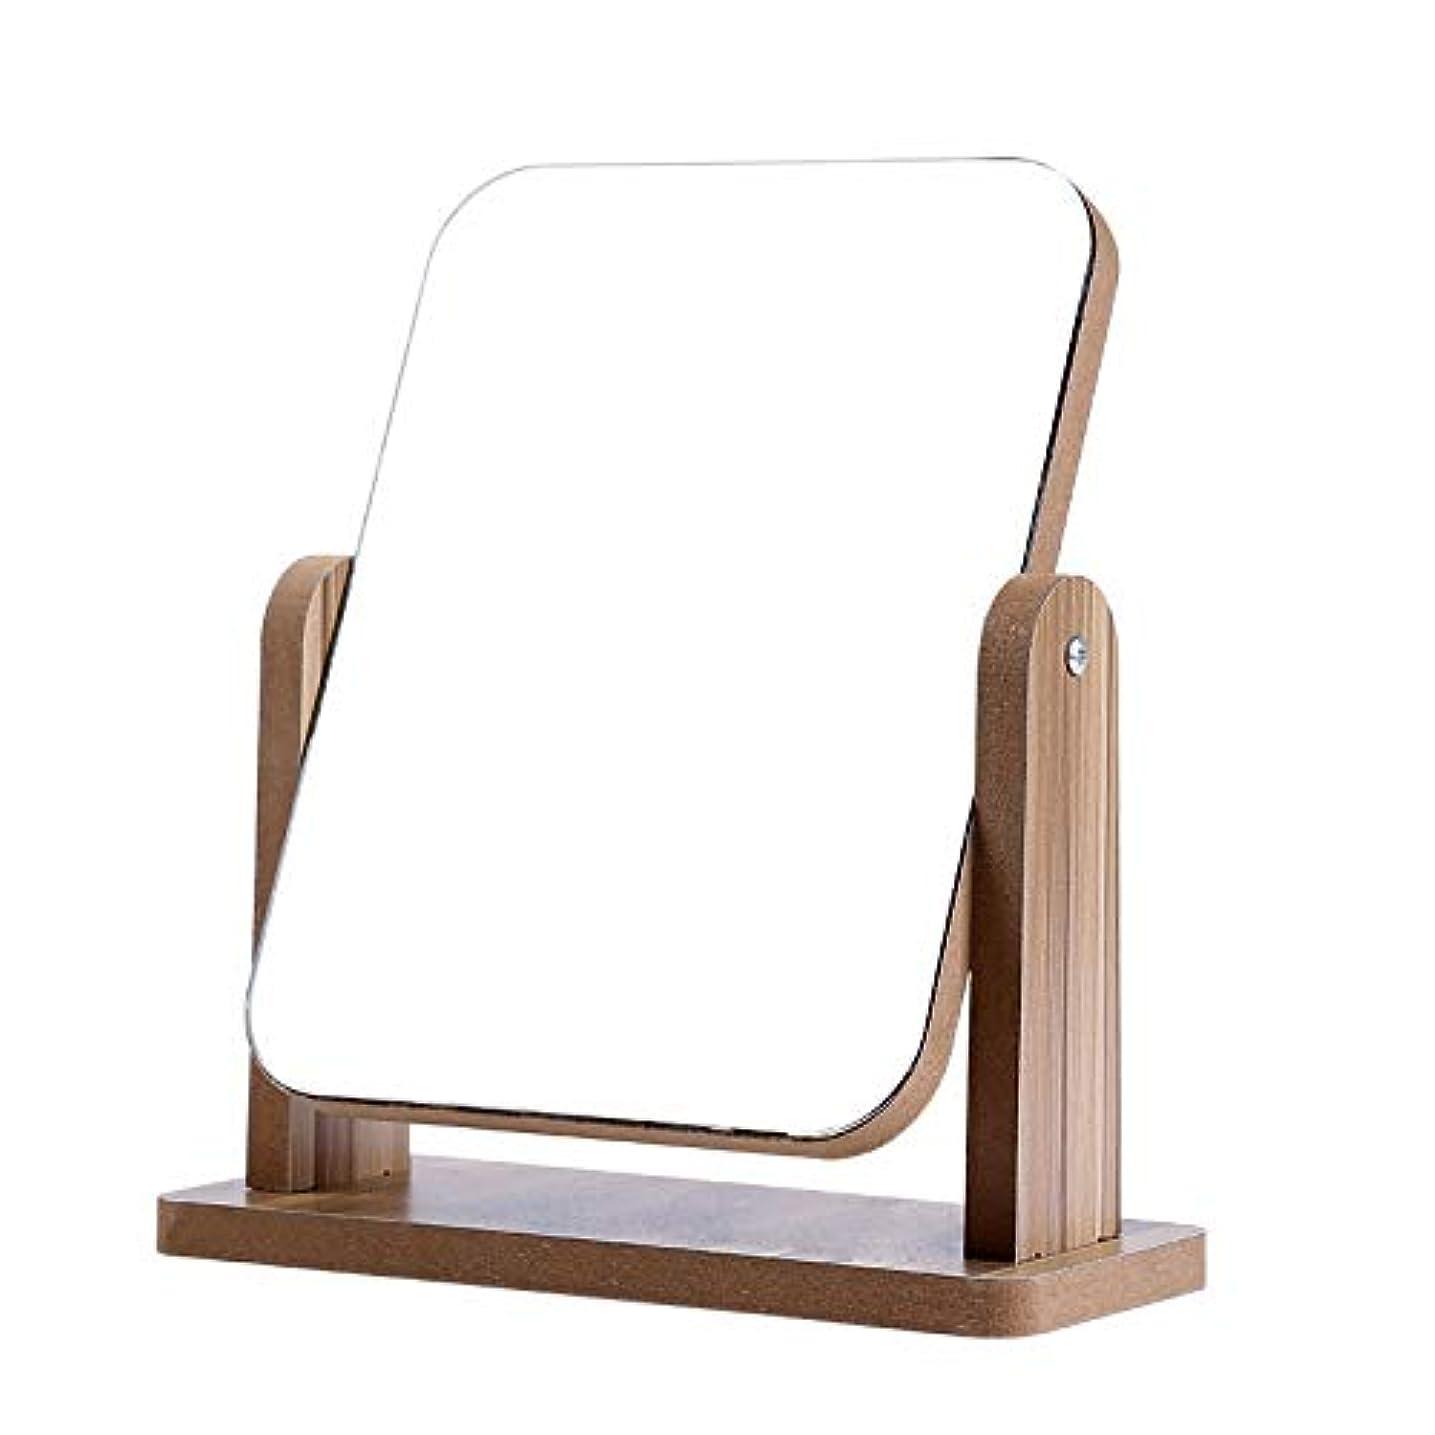 きらめき電話をかける強調Anyasun 卓上ミラー 化粧ミラー メイクミラー 360度回転 スタンドミラー 化粧鏡 木目 (縦)